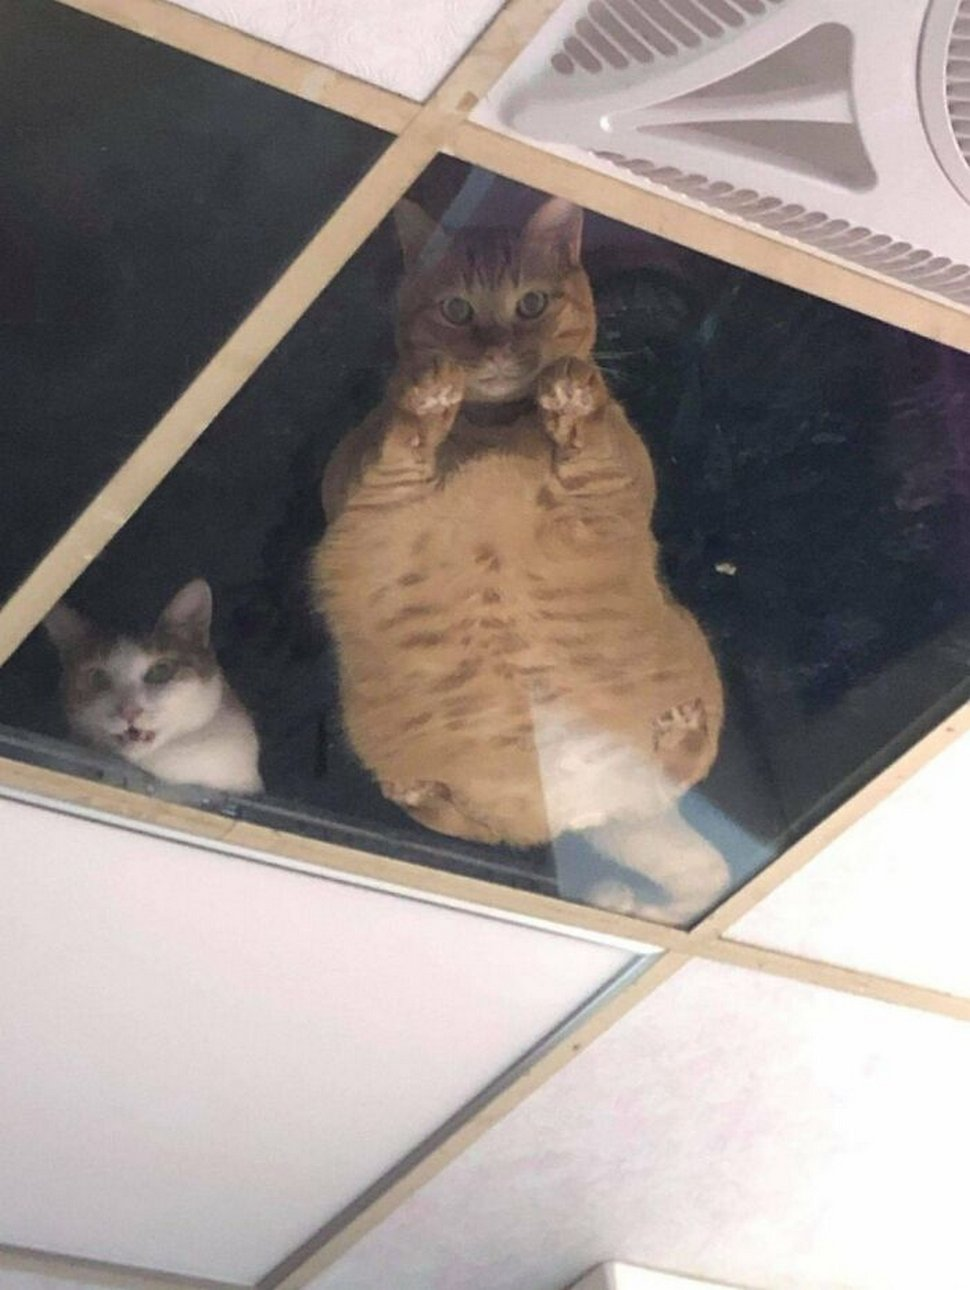 Ce commerçant a installé des carreaux de verre au plafond pour ses chats et ils n'arrêtent pas de l'espionner